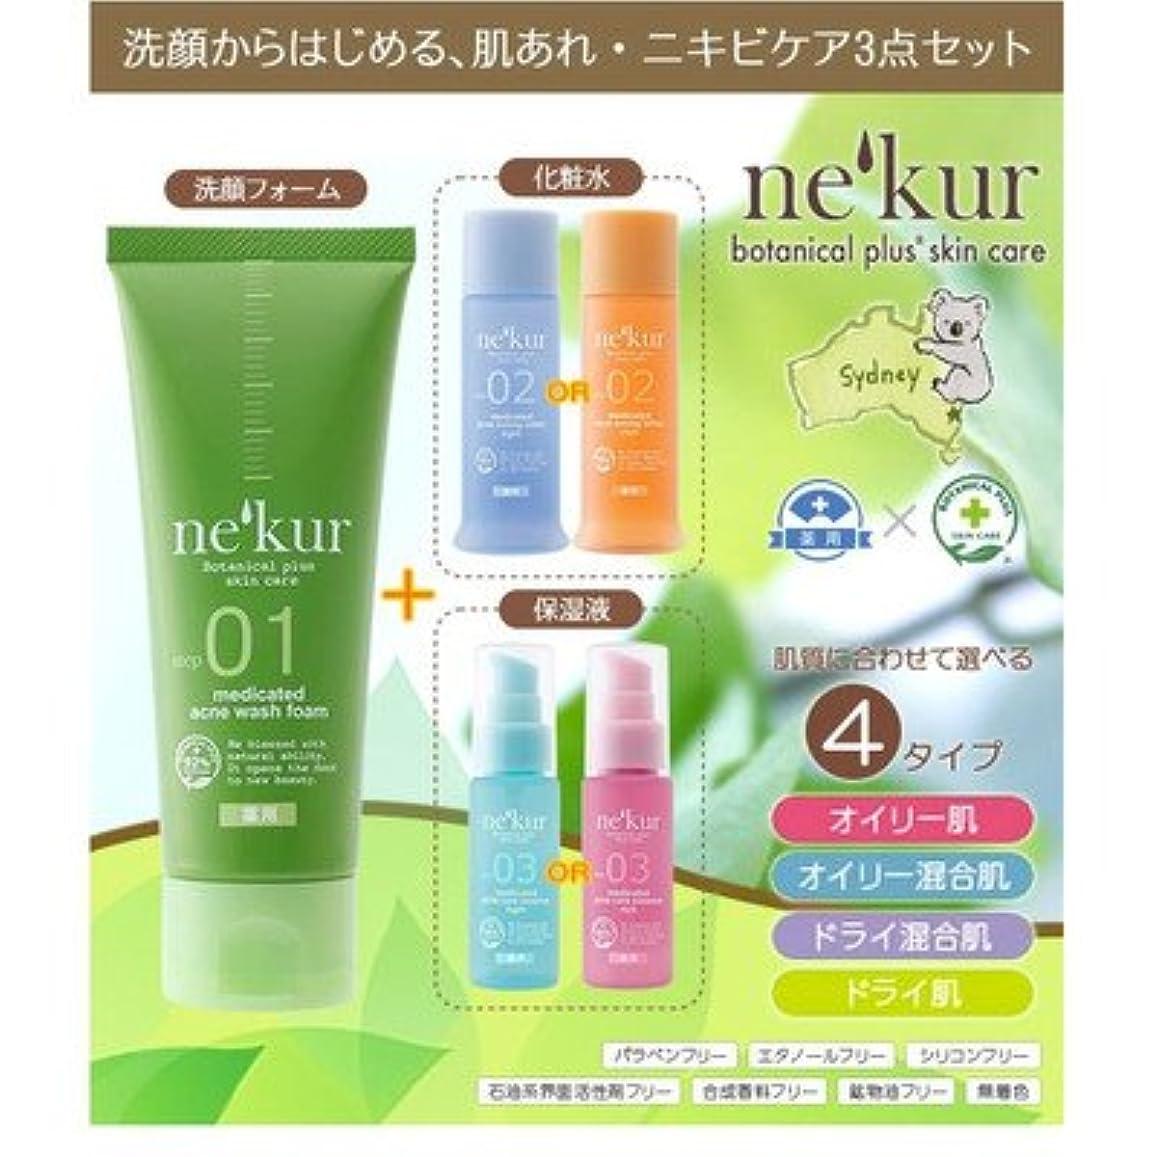 心のこもった個人的に反射ネクア(nekur) ボタニカルプラススキンケア 薬用アクネ洗顔3点セット オイリー肌セット( 画像はイメージ画像です お届けの商品はオイリー肌セットのみとなります)